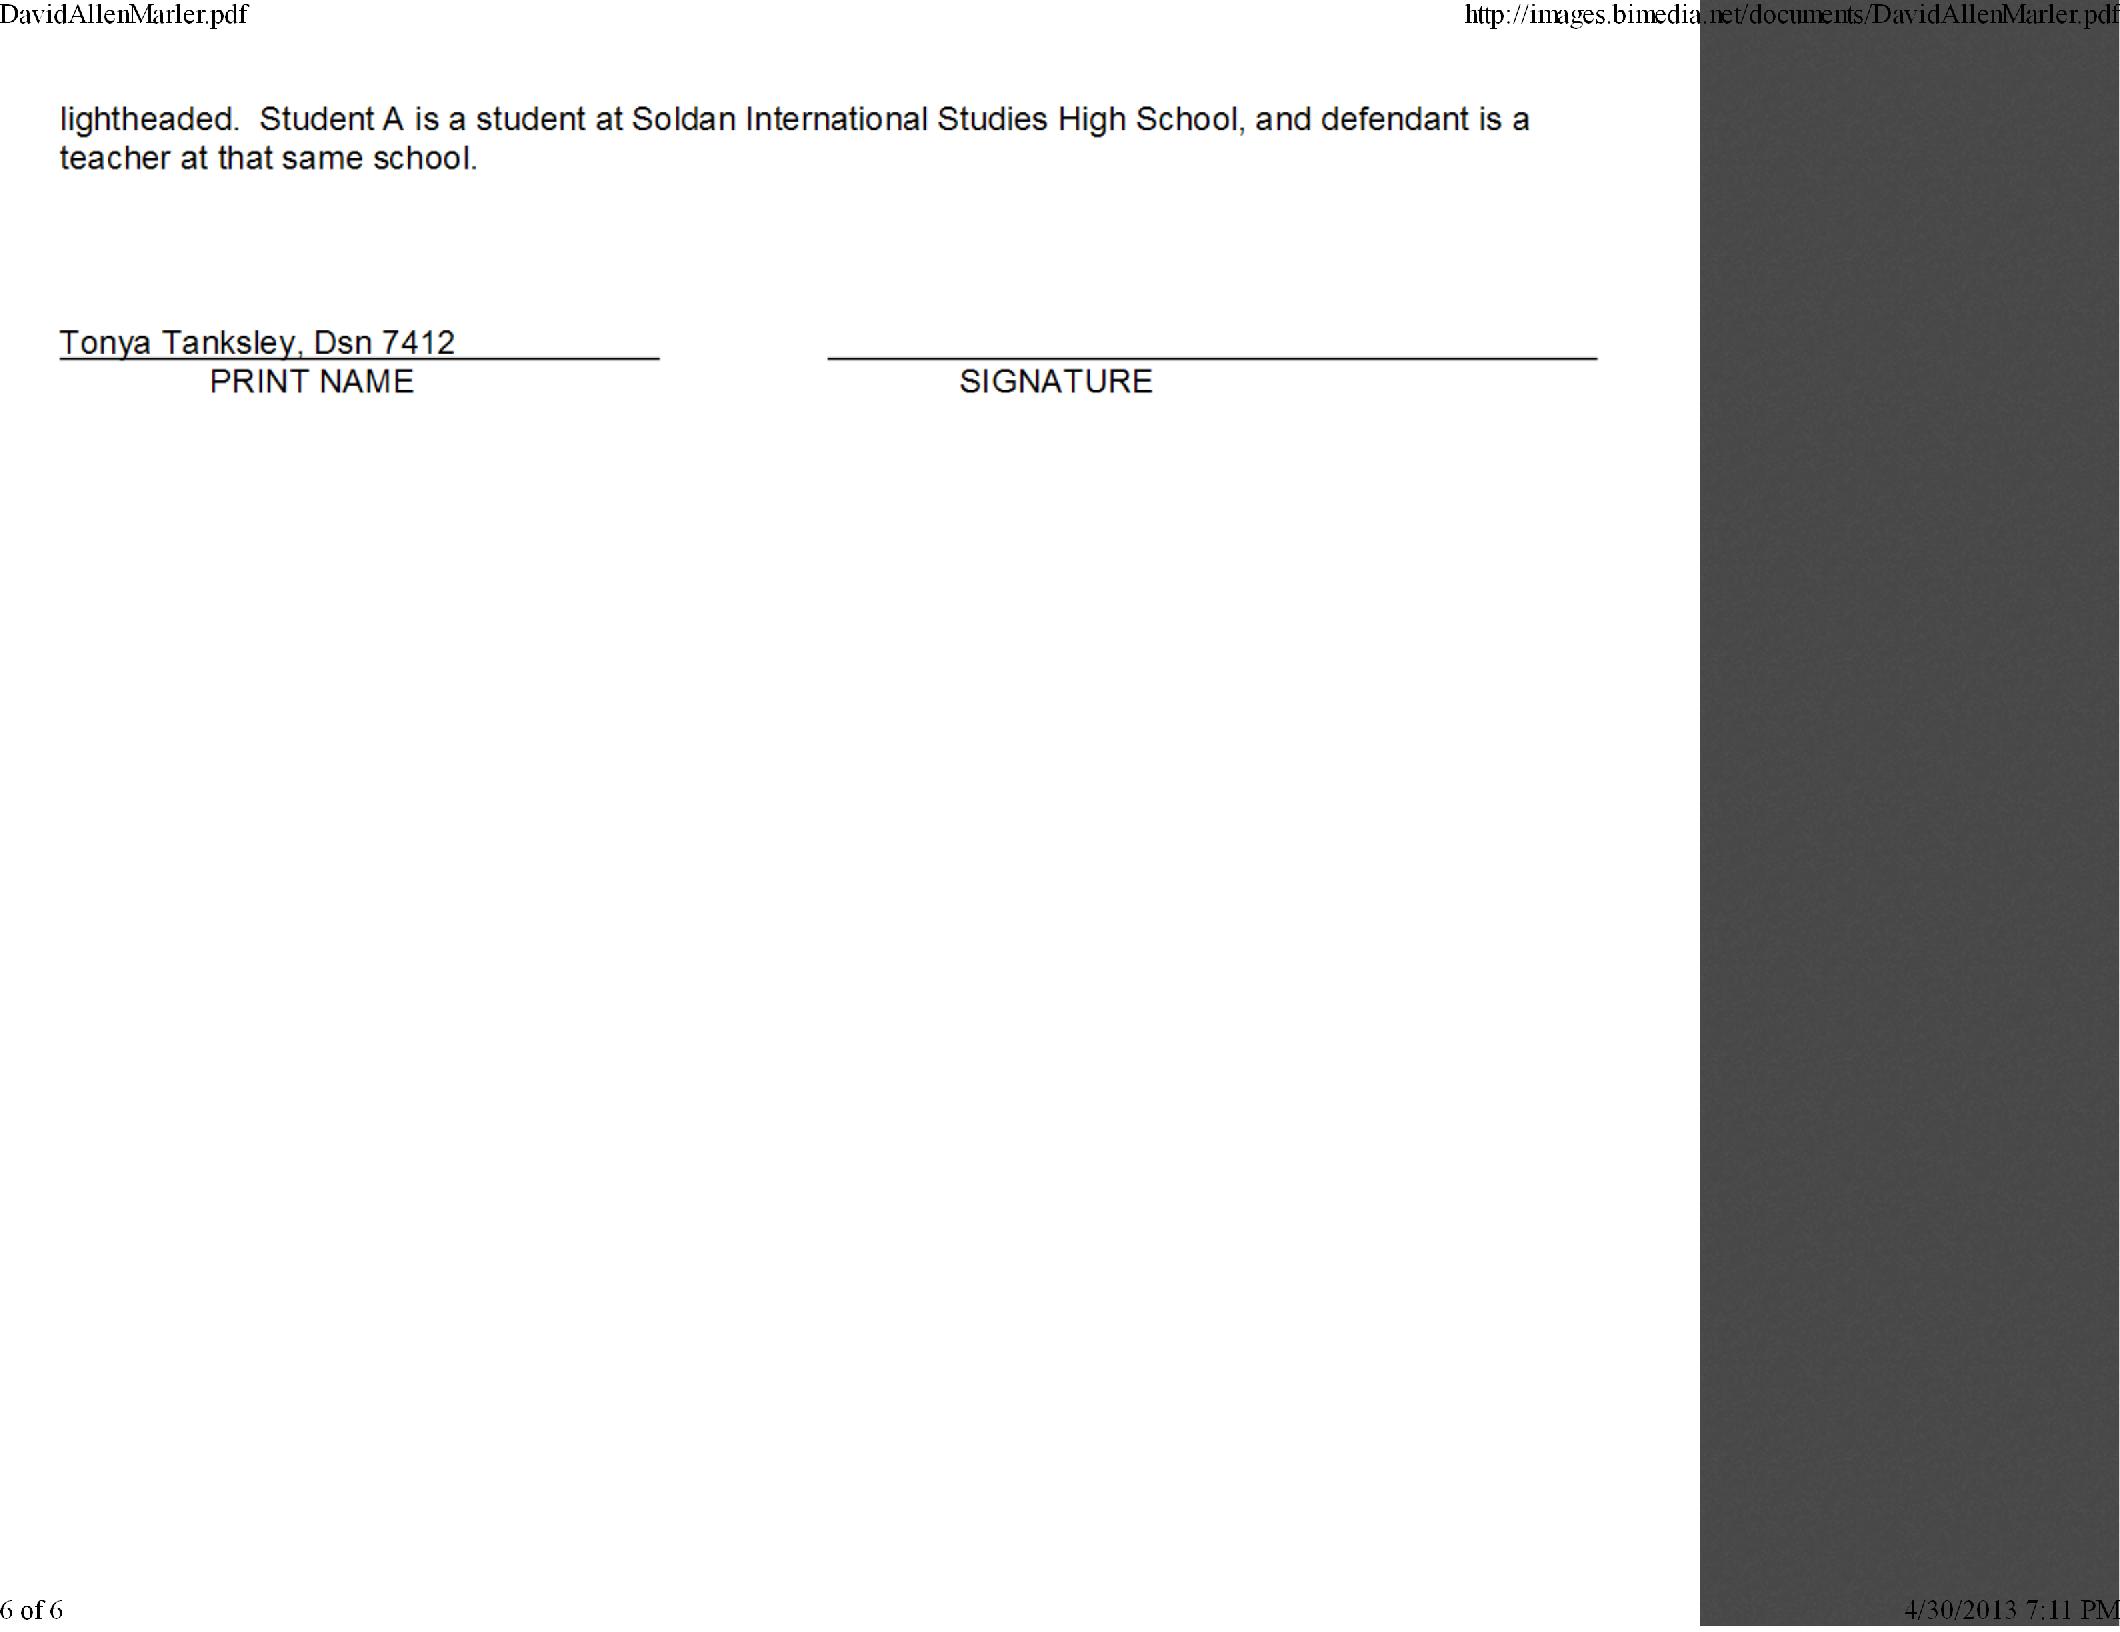 Copy of David Marler Criminal Complaint6.png